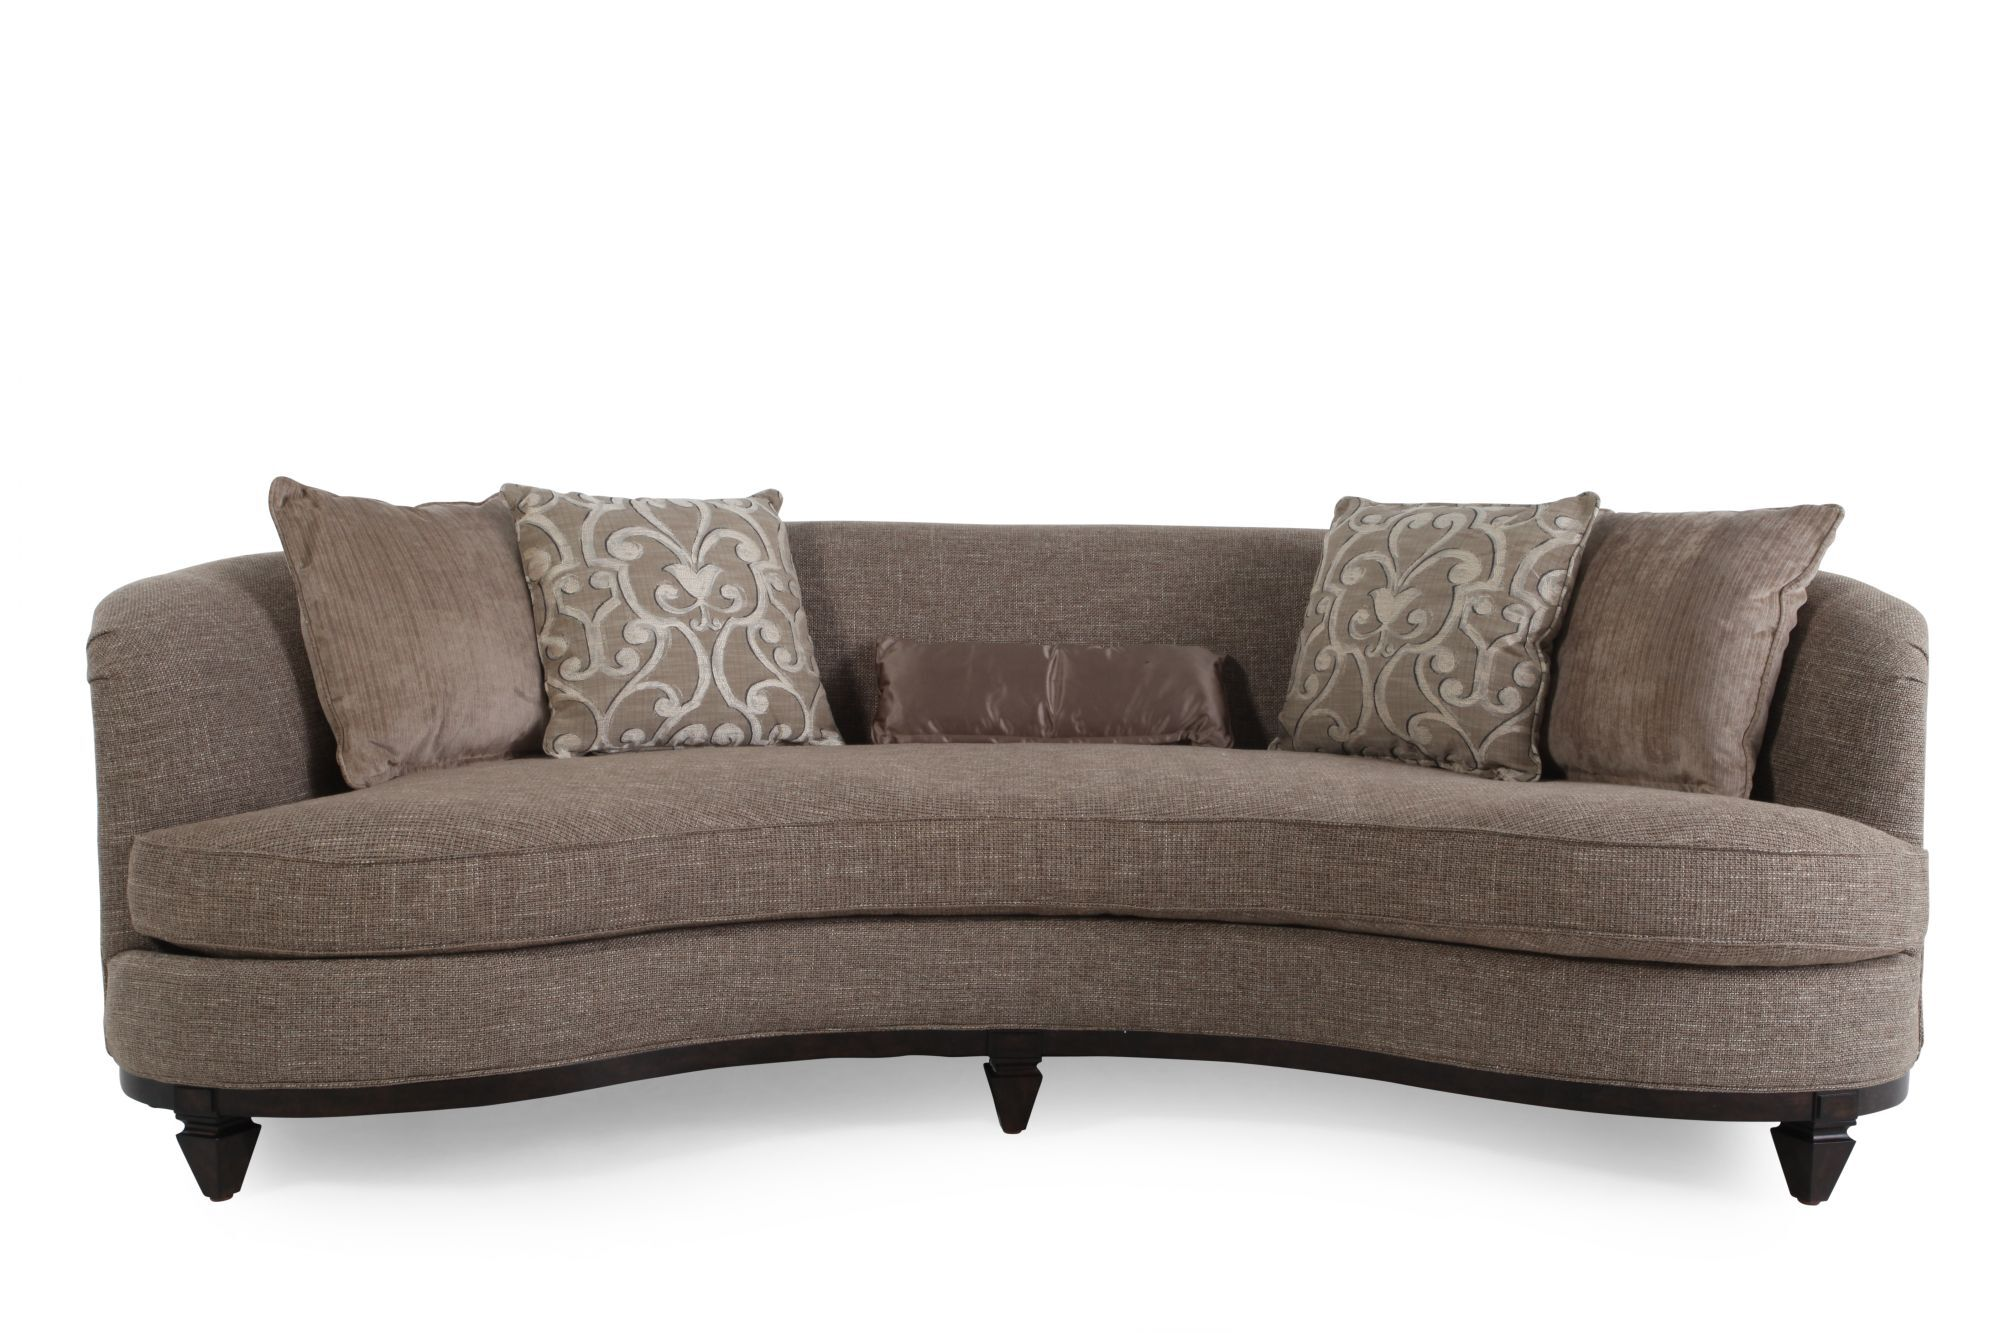 101 Kidney Sofa In Portabella